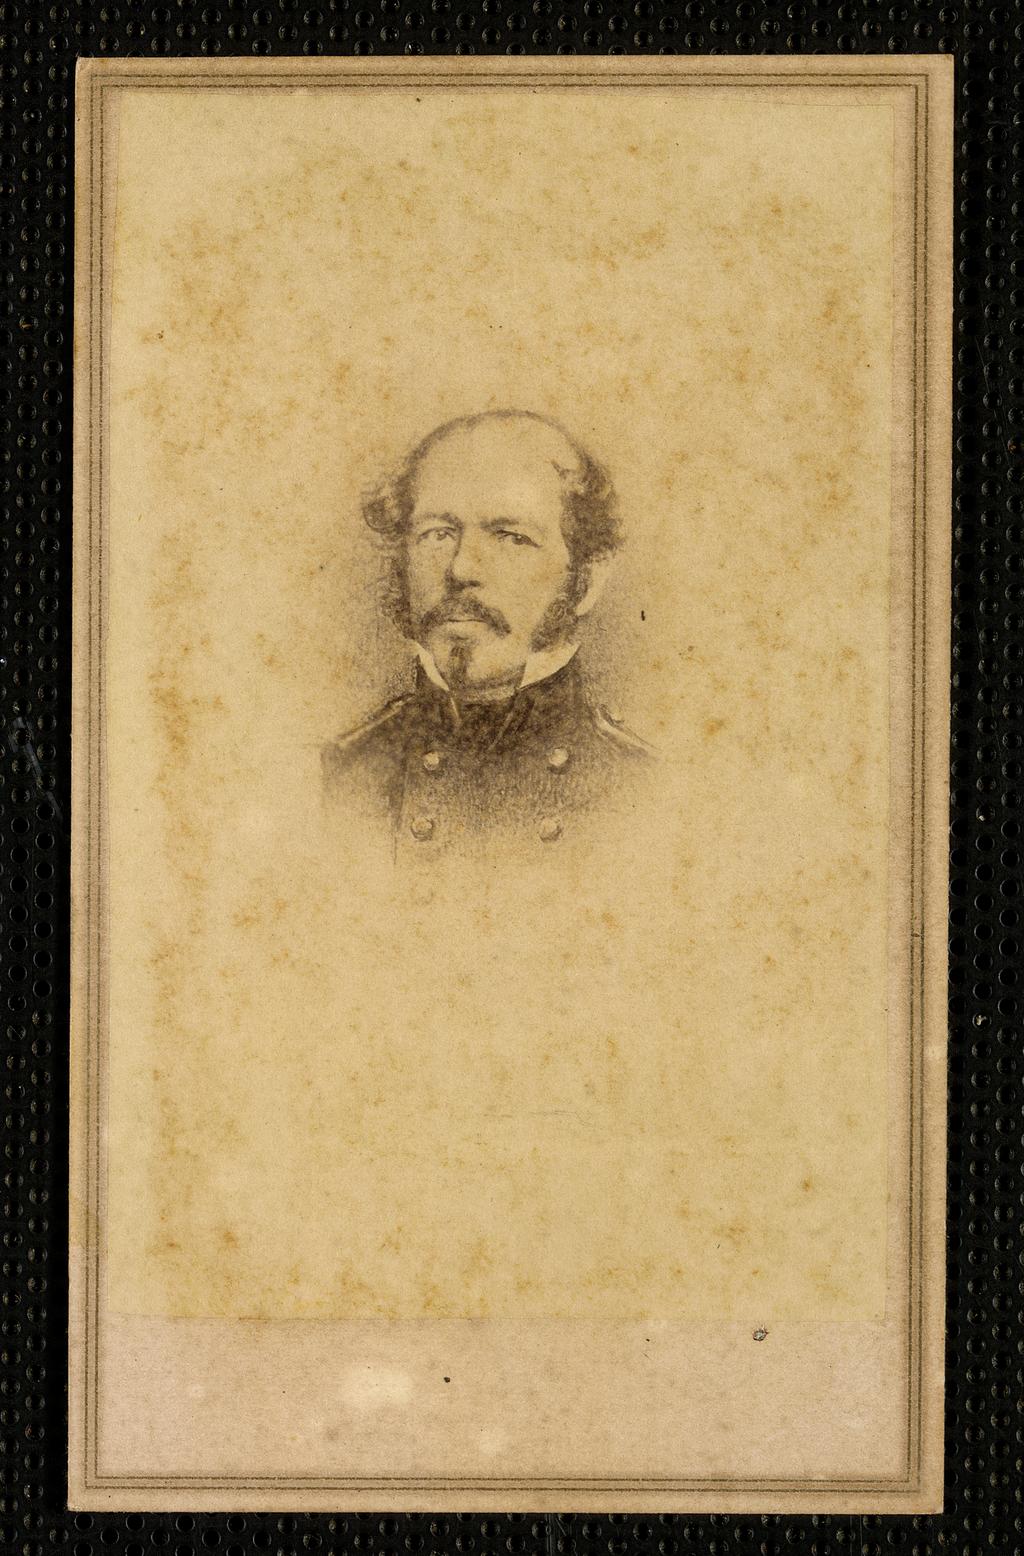 Бригадный генерал Джозеф Э. Джонстон, Конфедеративные Штаты Америки